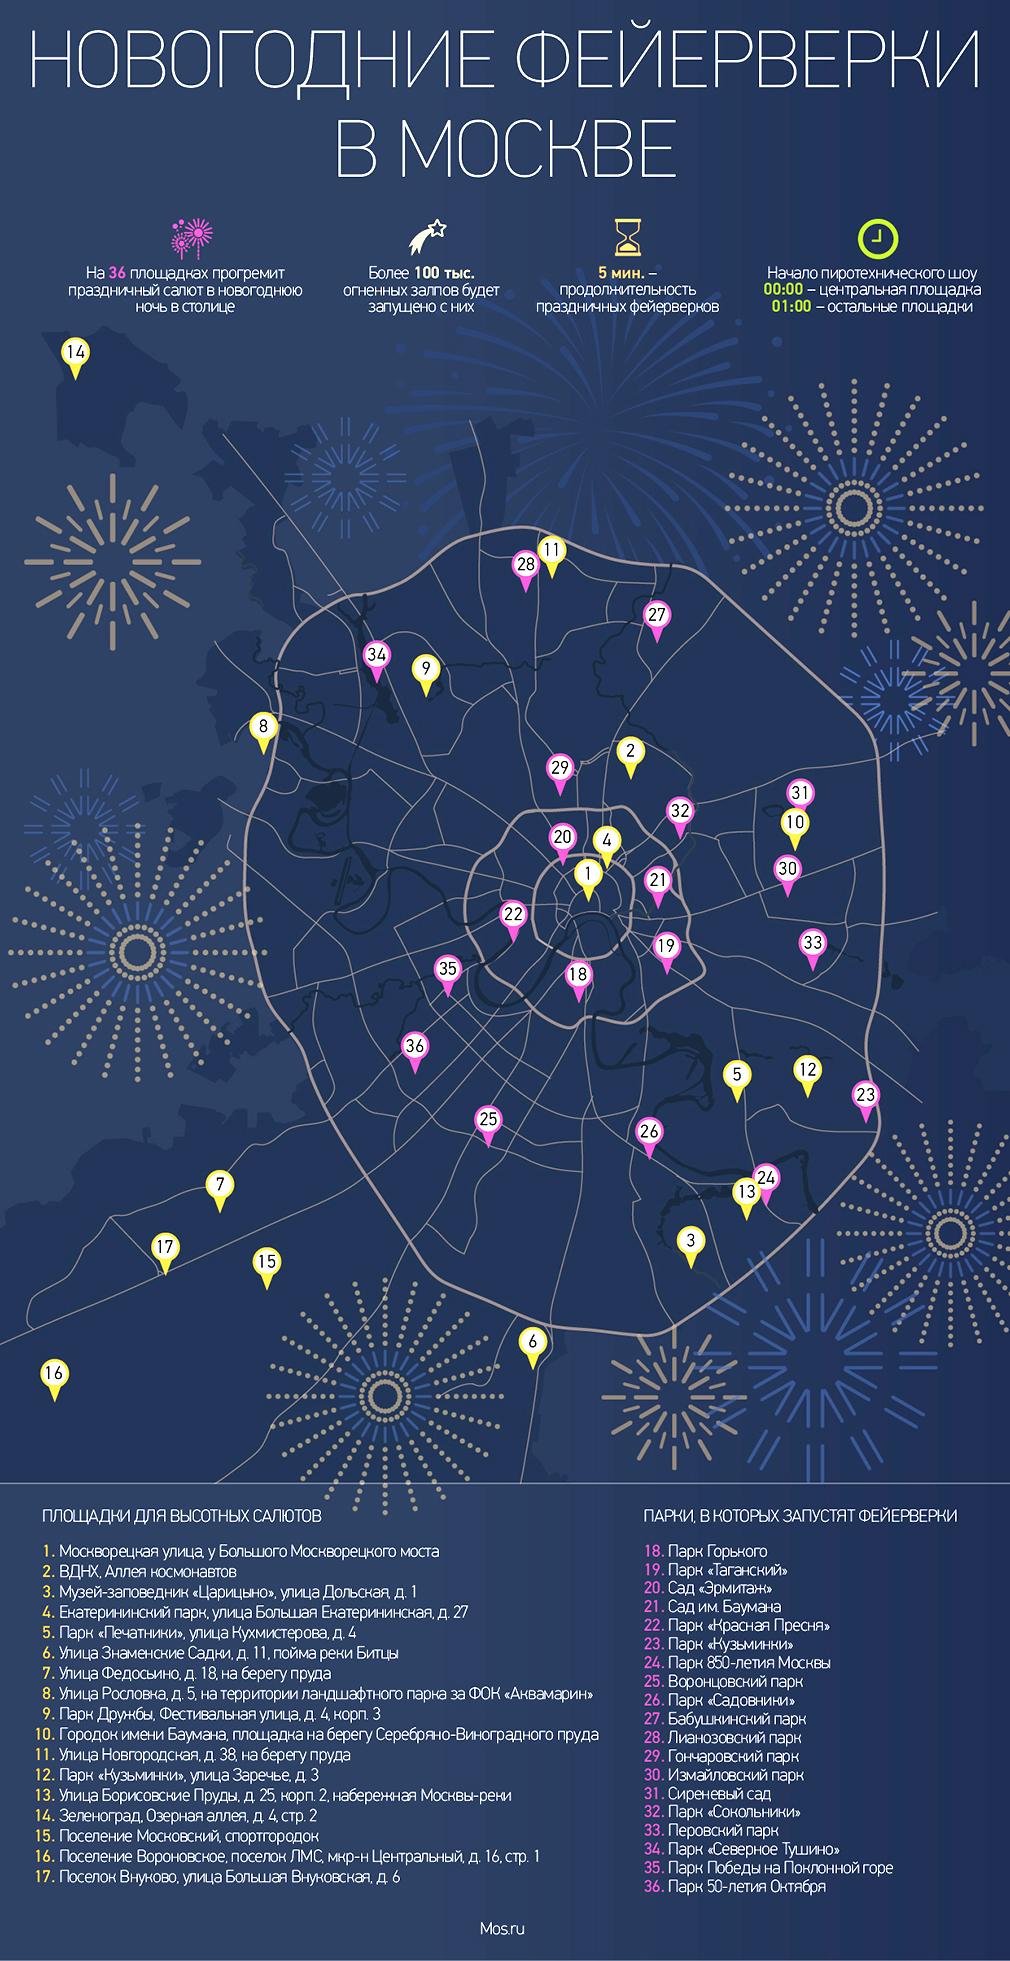 Новогодние фейерверки запустят с 36 площадок